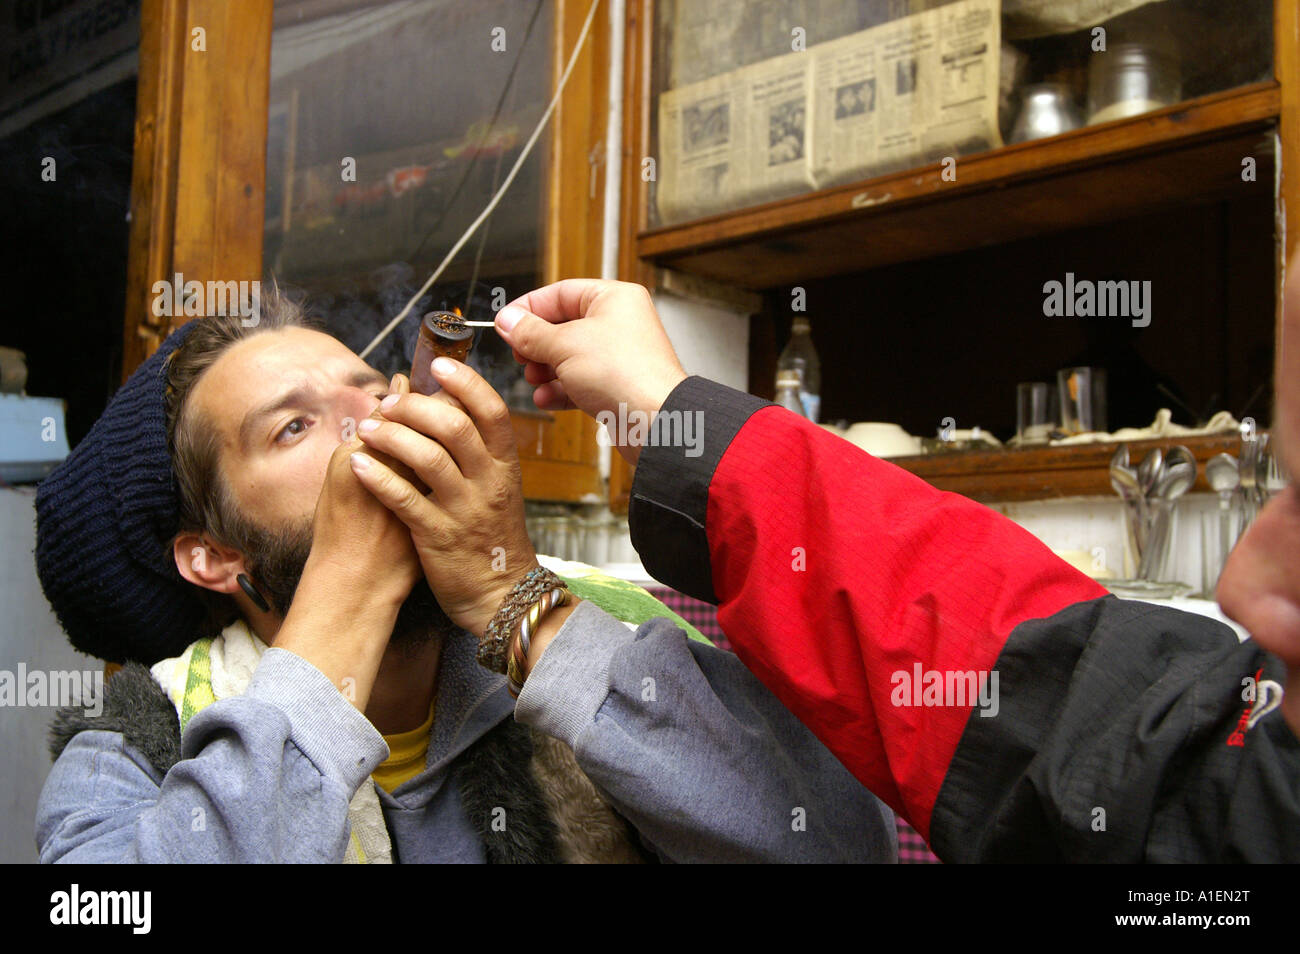 Illuminazione uomo a partire fumatori chilum di argilla con tubo